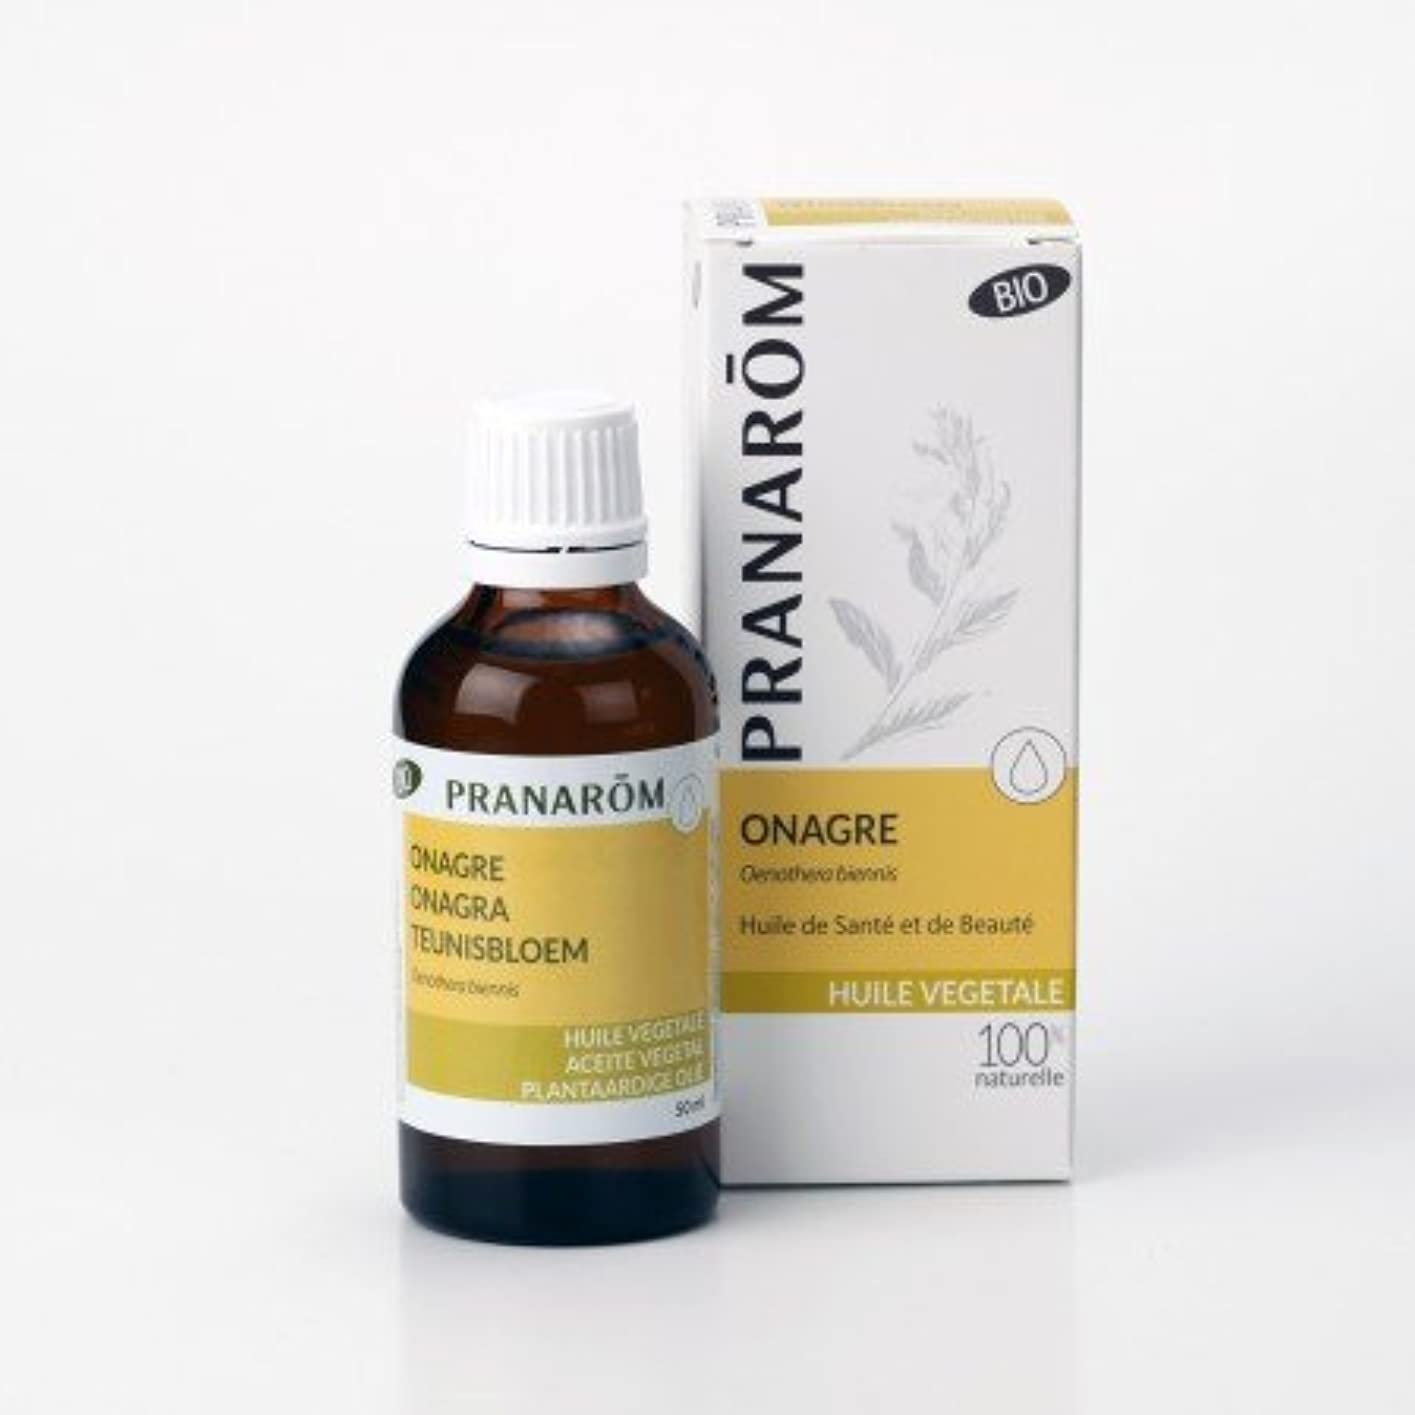 受賞操作可能見せますプラナロム ( PRANAROM ) 植物油 イブニングプリムローズ油 50ml 12530 イブニングプリムローズオイル キャリアオイル ( 化粧油 )